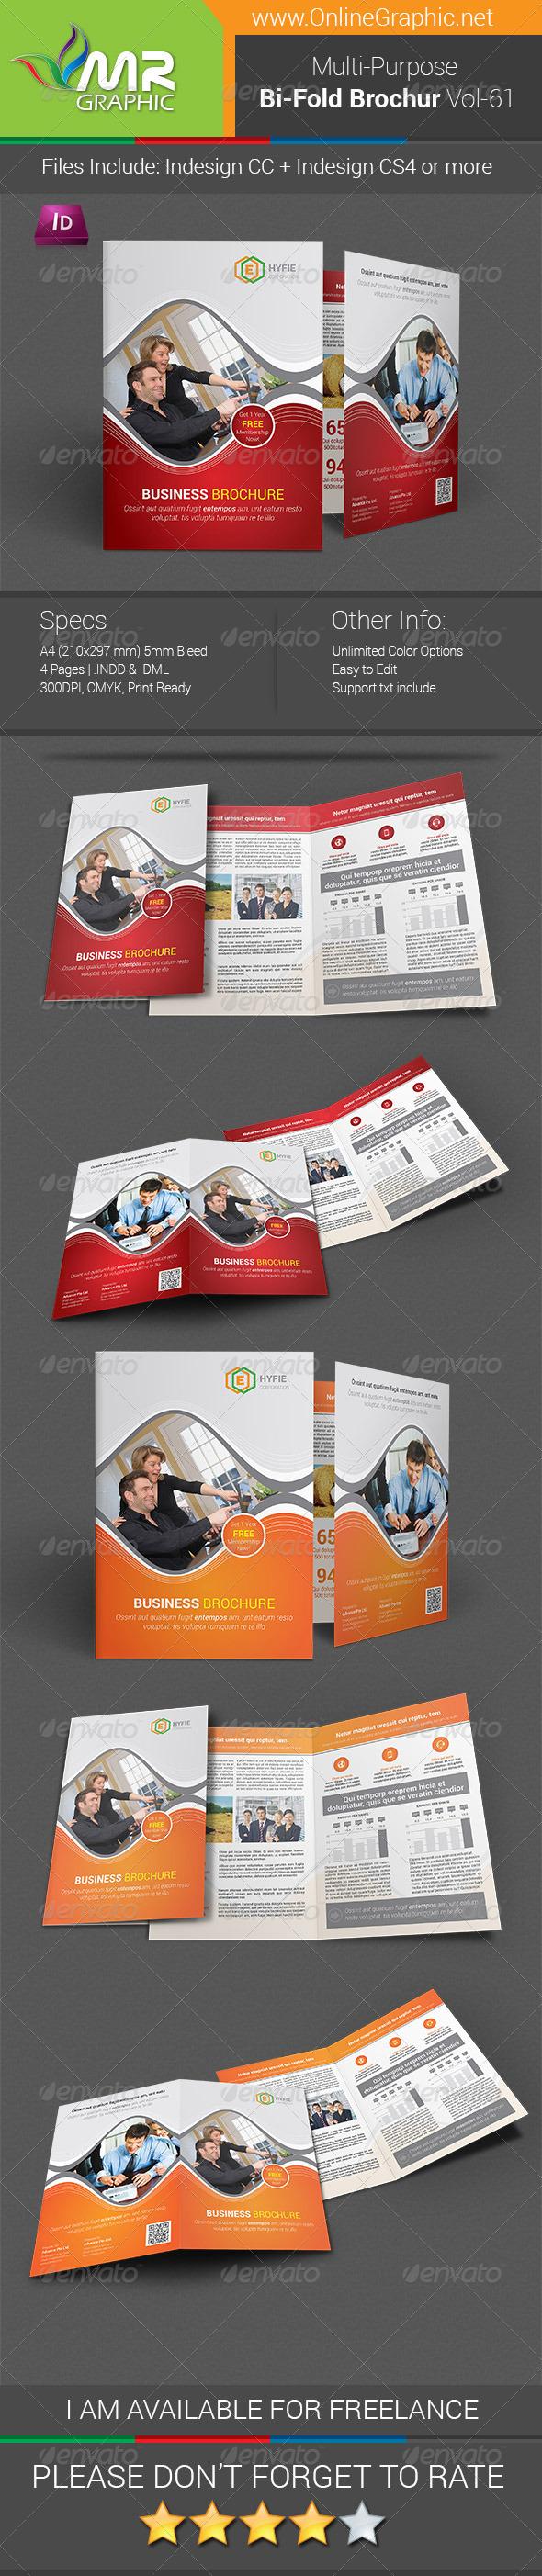 GraphicRiver Multipurpose Bifold Brochure Template Vol-61 8188448